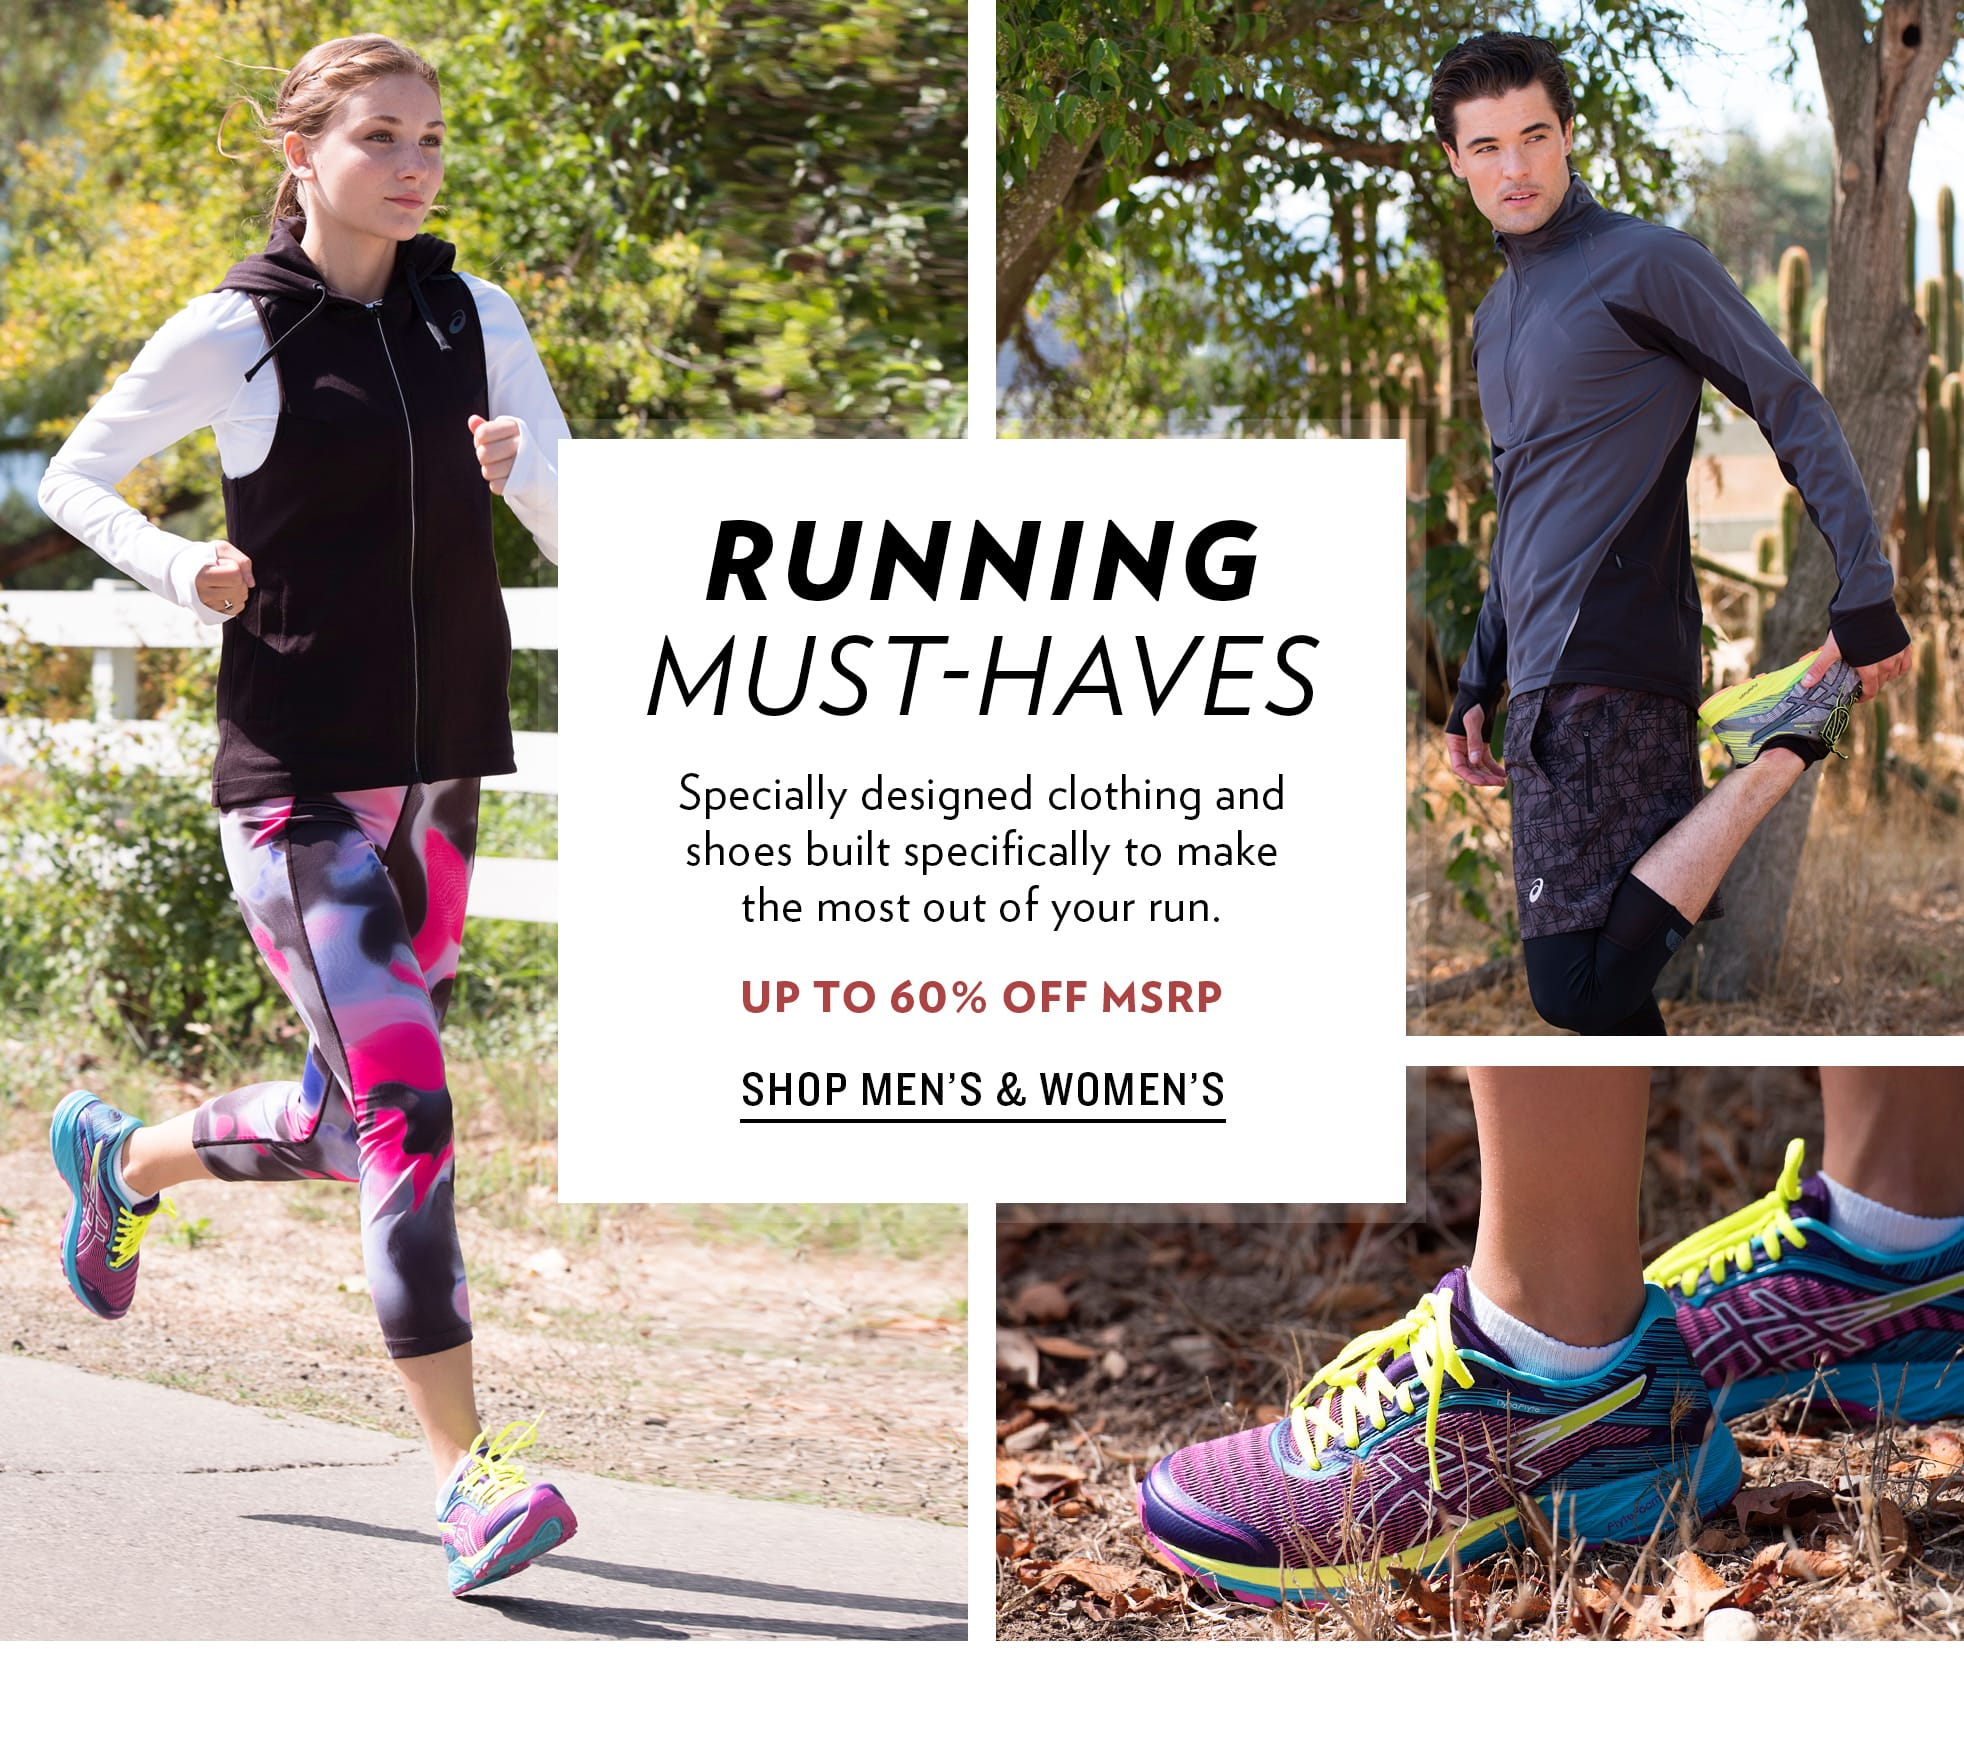 Running Must-Haves